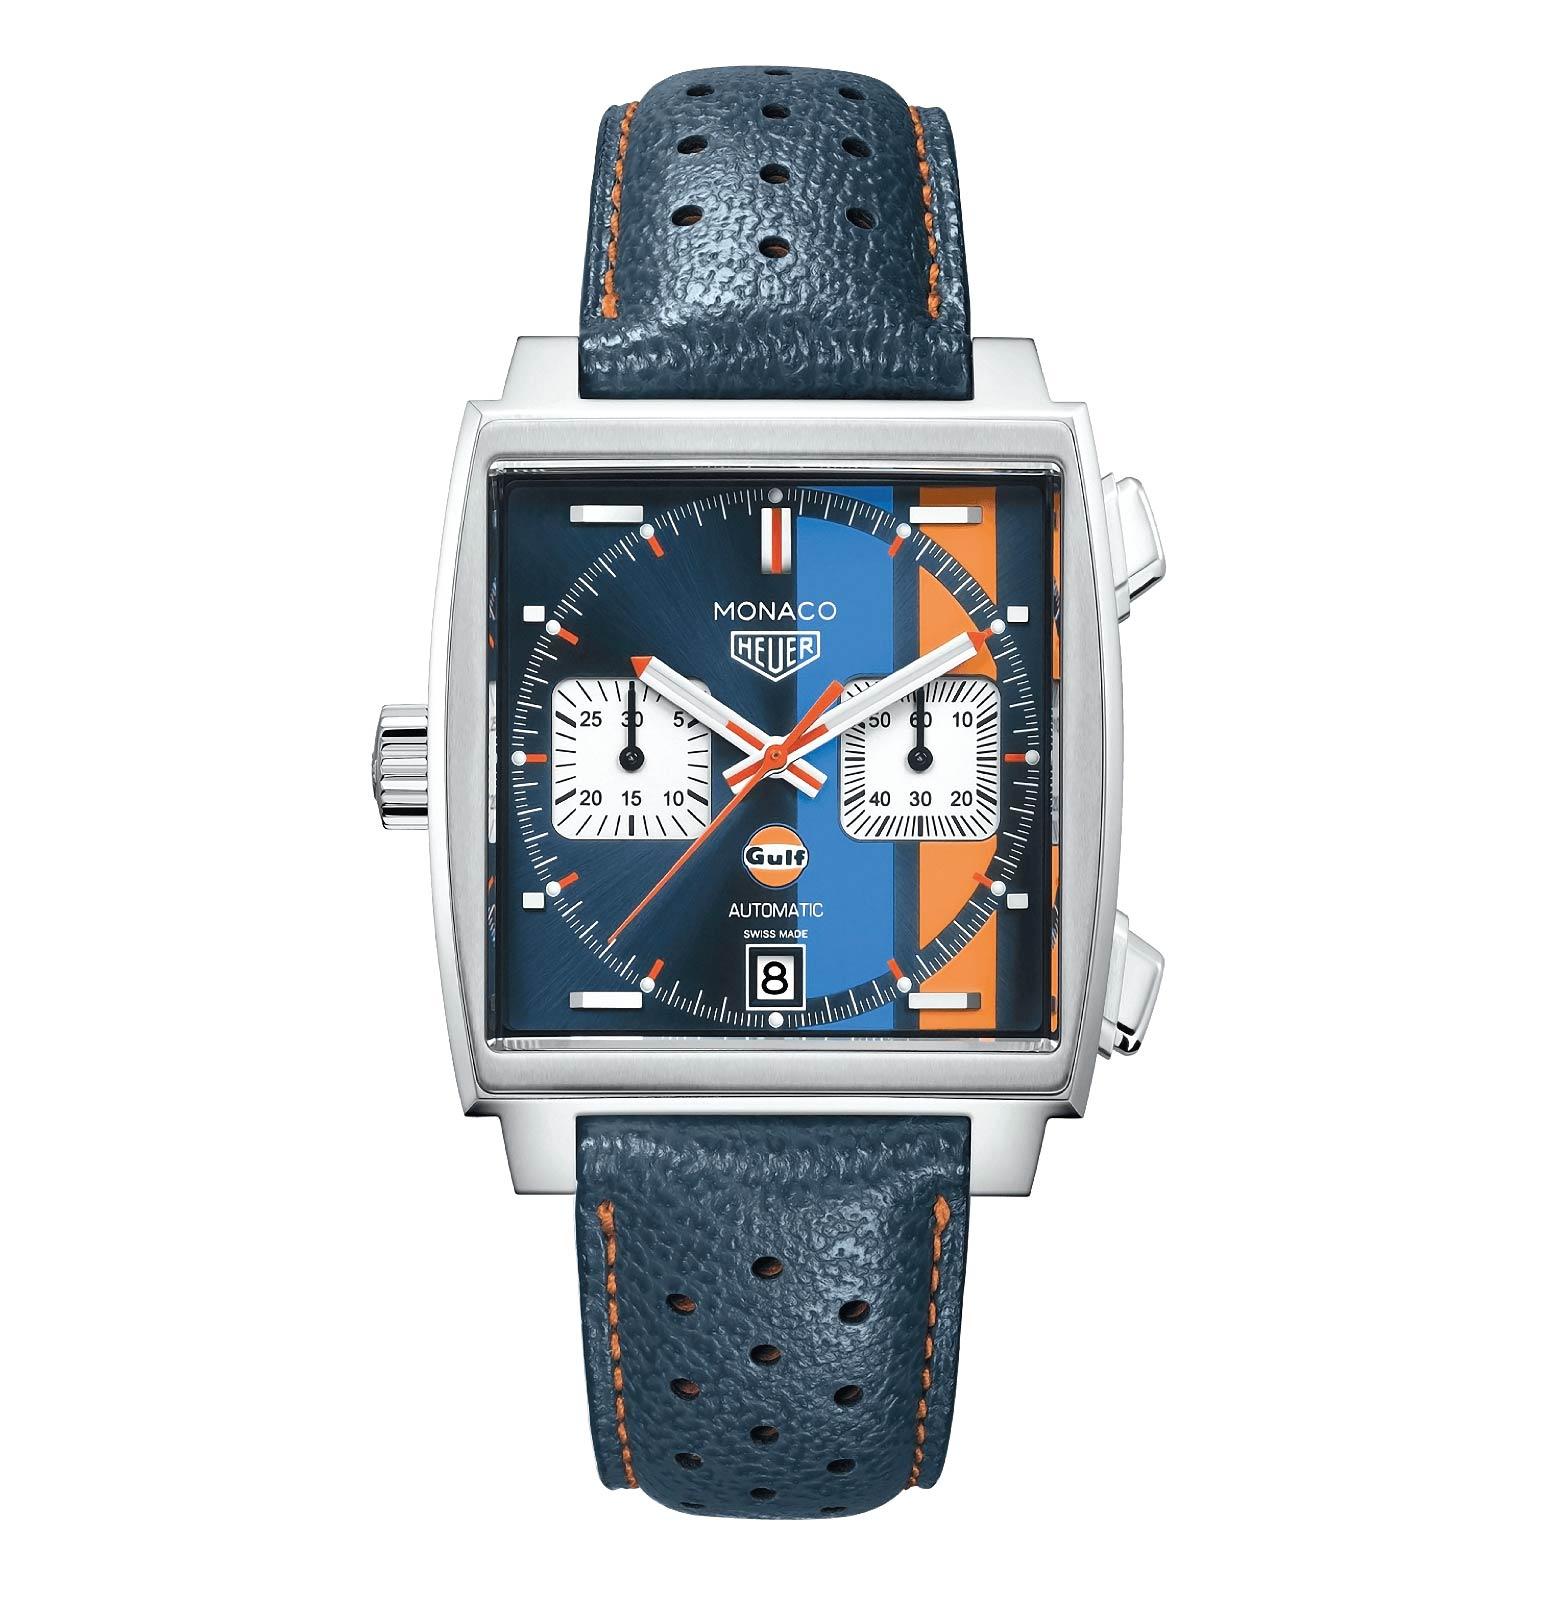 af1a9b8627b Este complejo reloj sobrepasa los U D 280.000 y es considerado uno de los  modelos más bellos y raros en el mundo de los relojes.